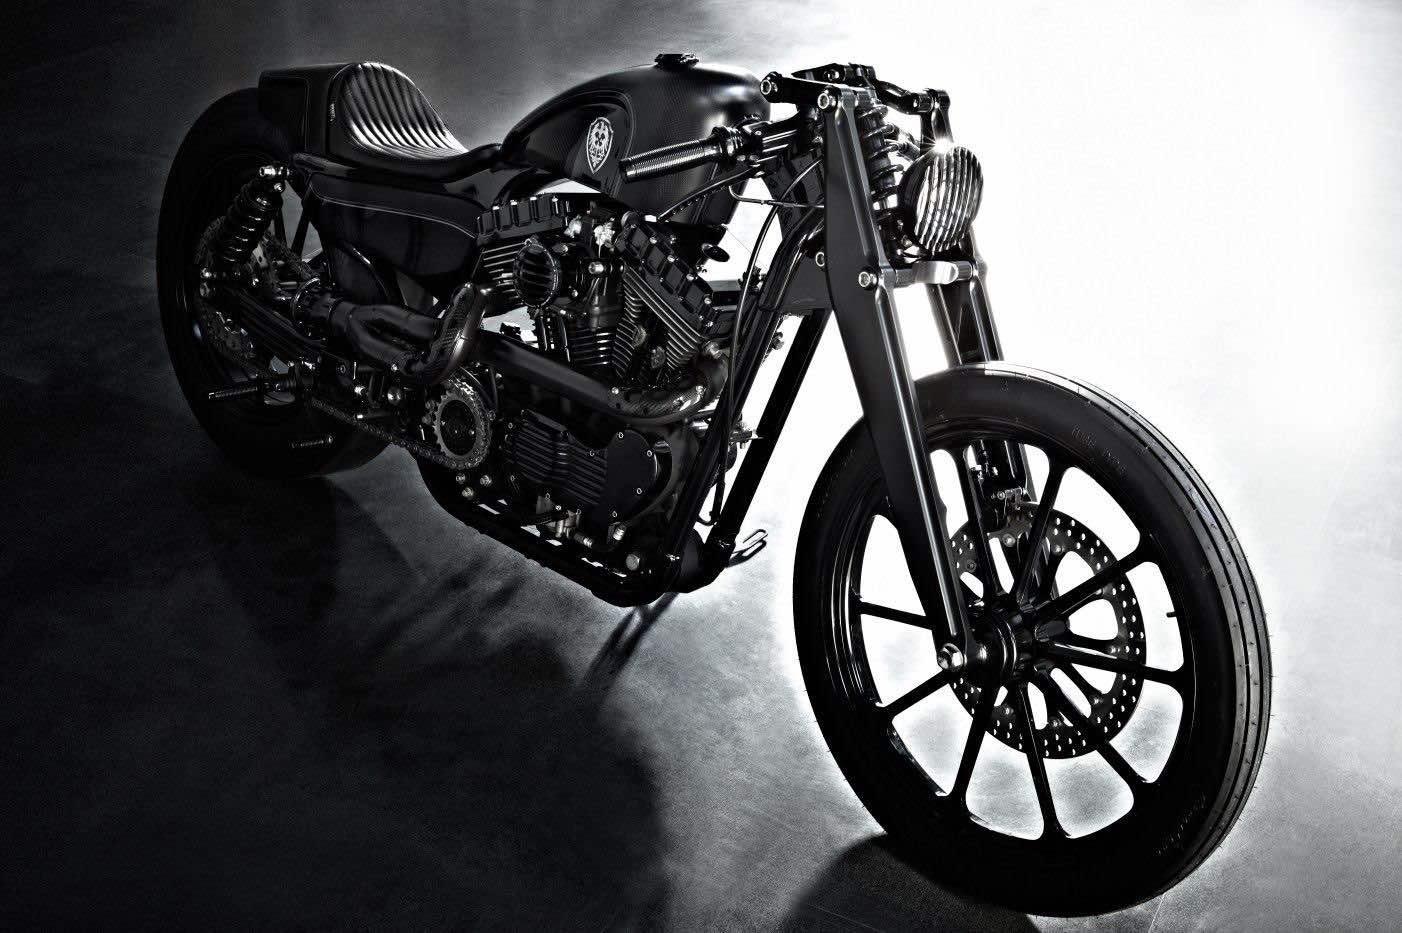 Motocicleta Harley-Davidson Sportster 'Stealth Bullet' por Rough Crafts